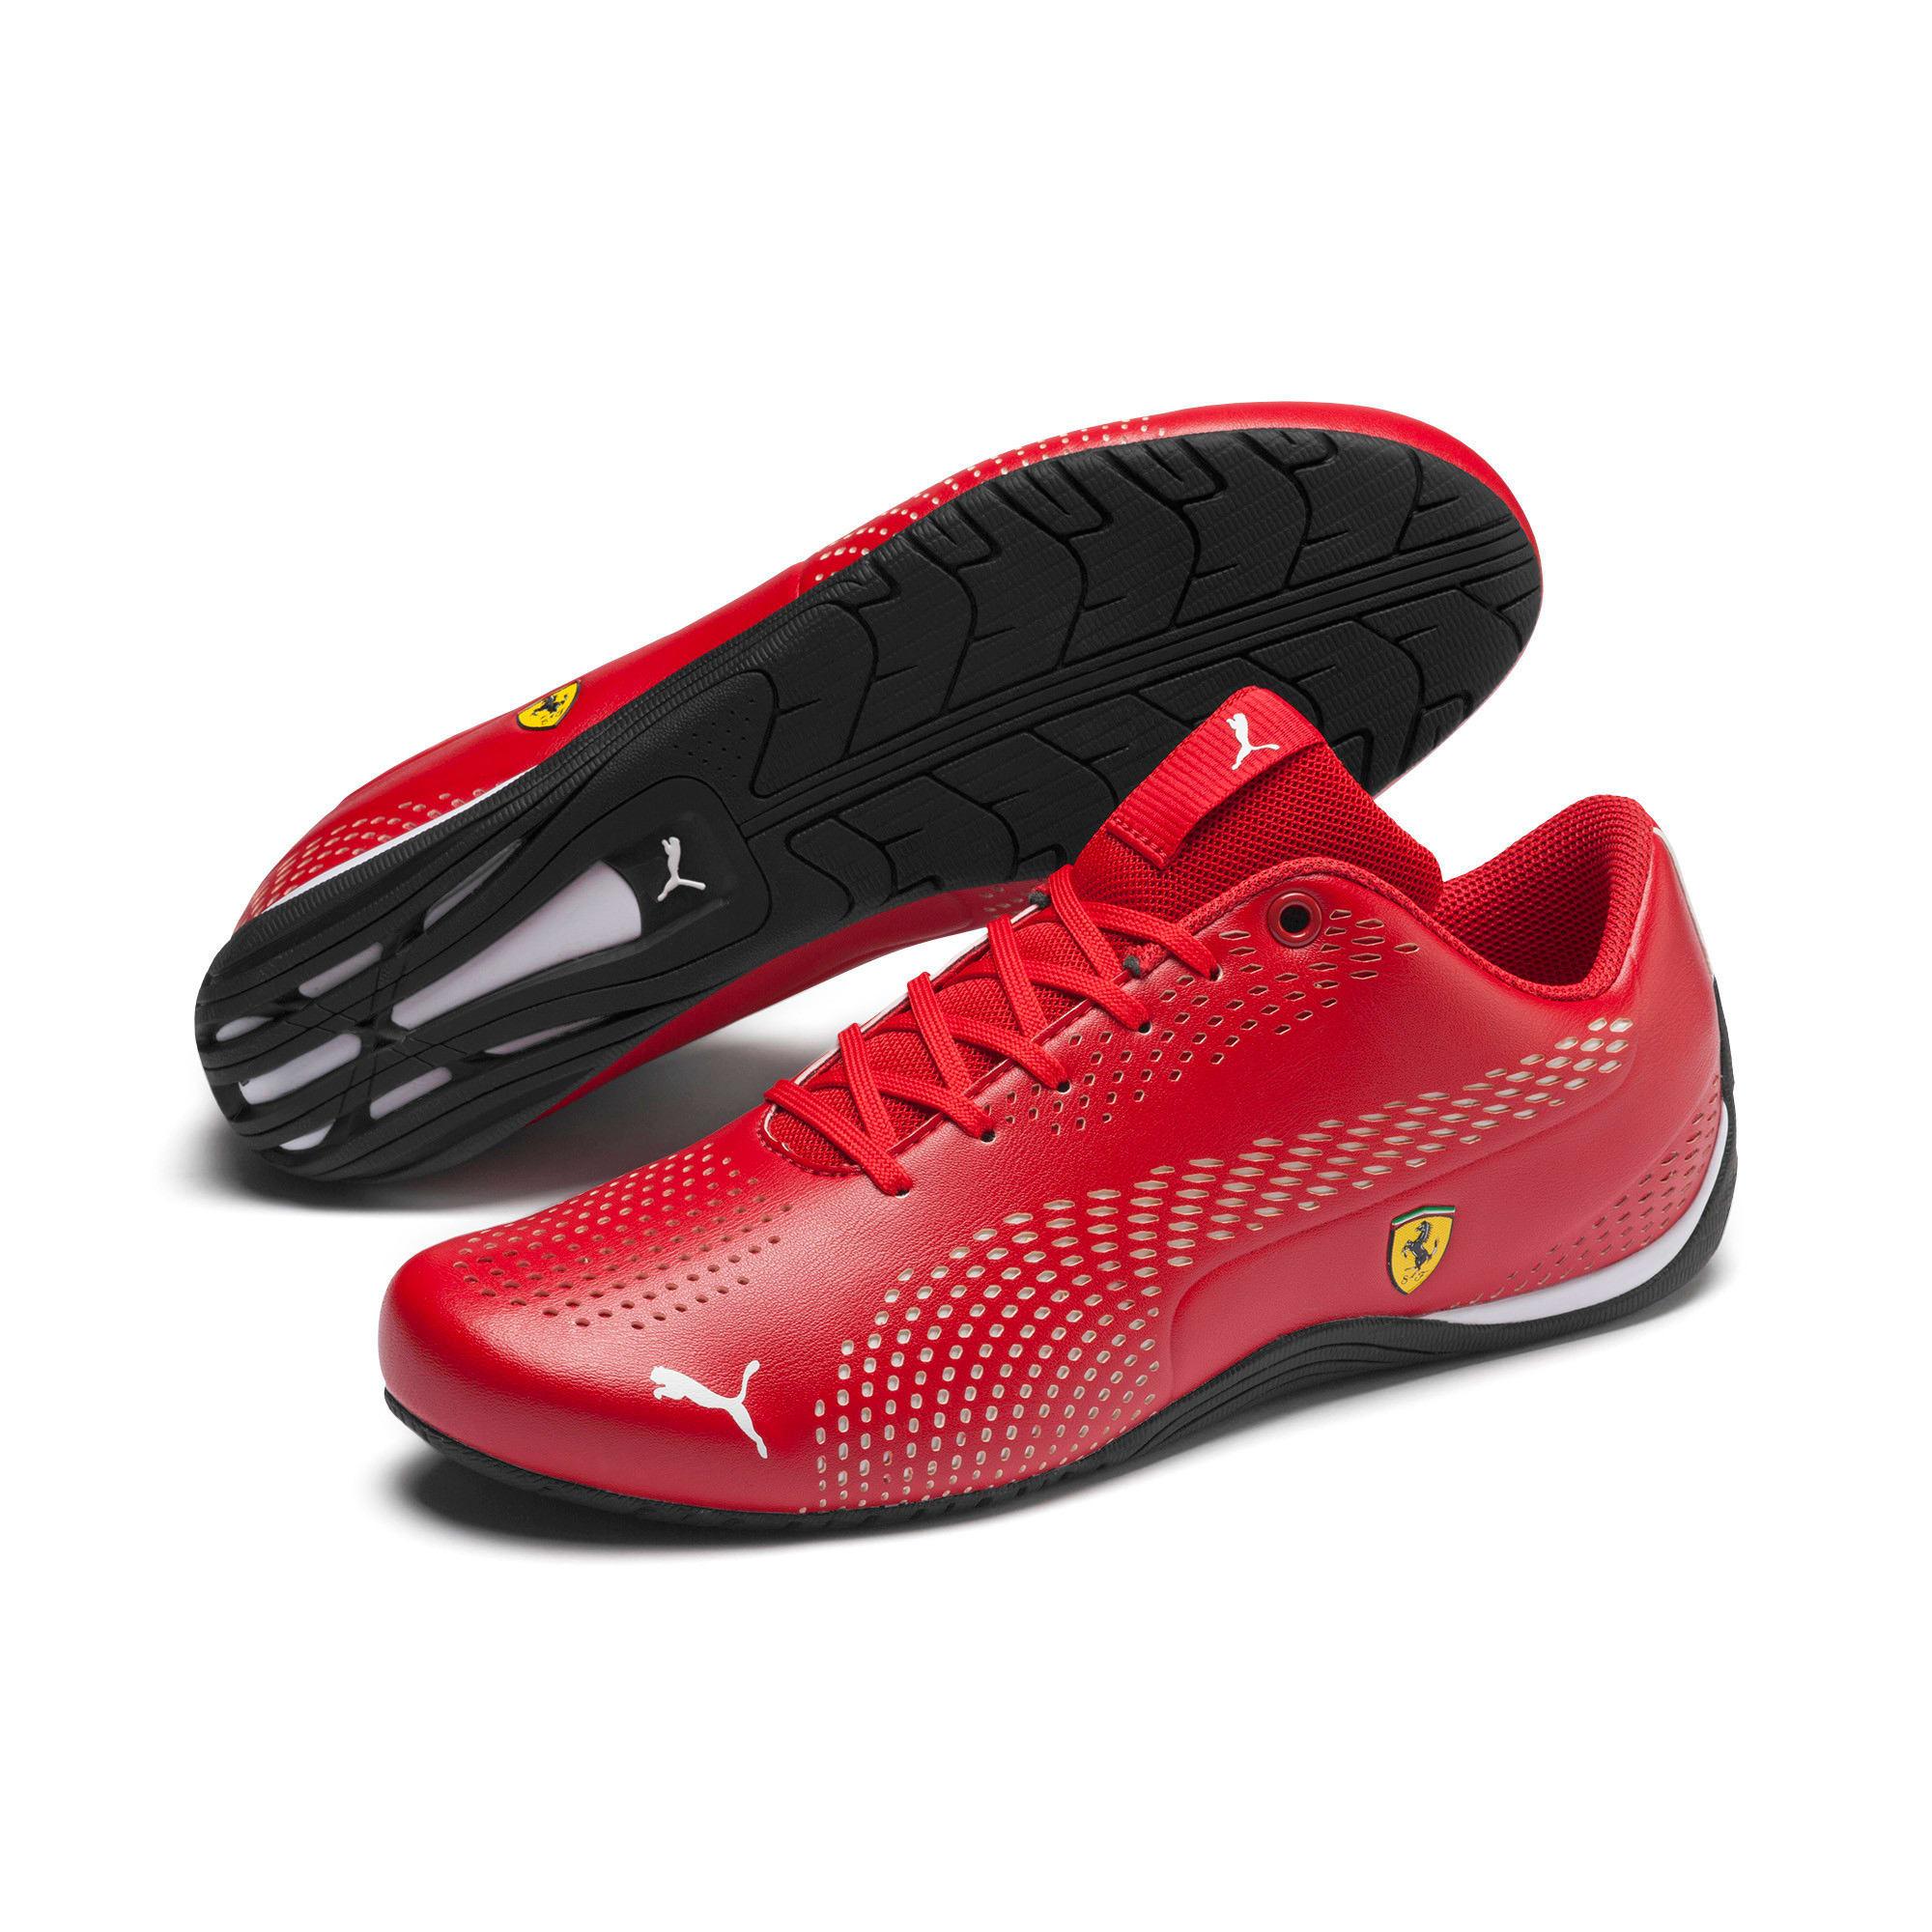 Miniatura 3 de Zapatos Scuderia Ferrari Drift Cat 5 Ultra II, Rosso Corsa-Puma White, mediano